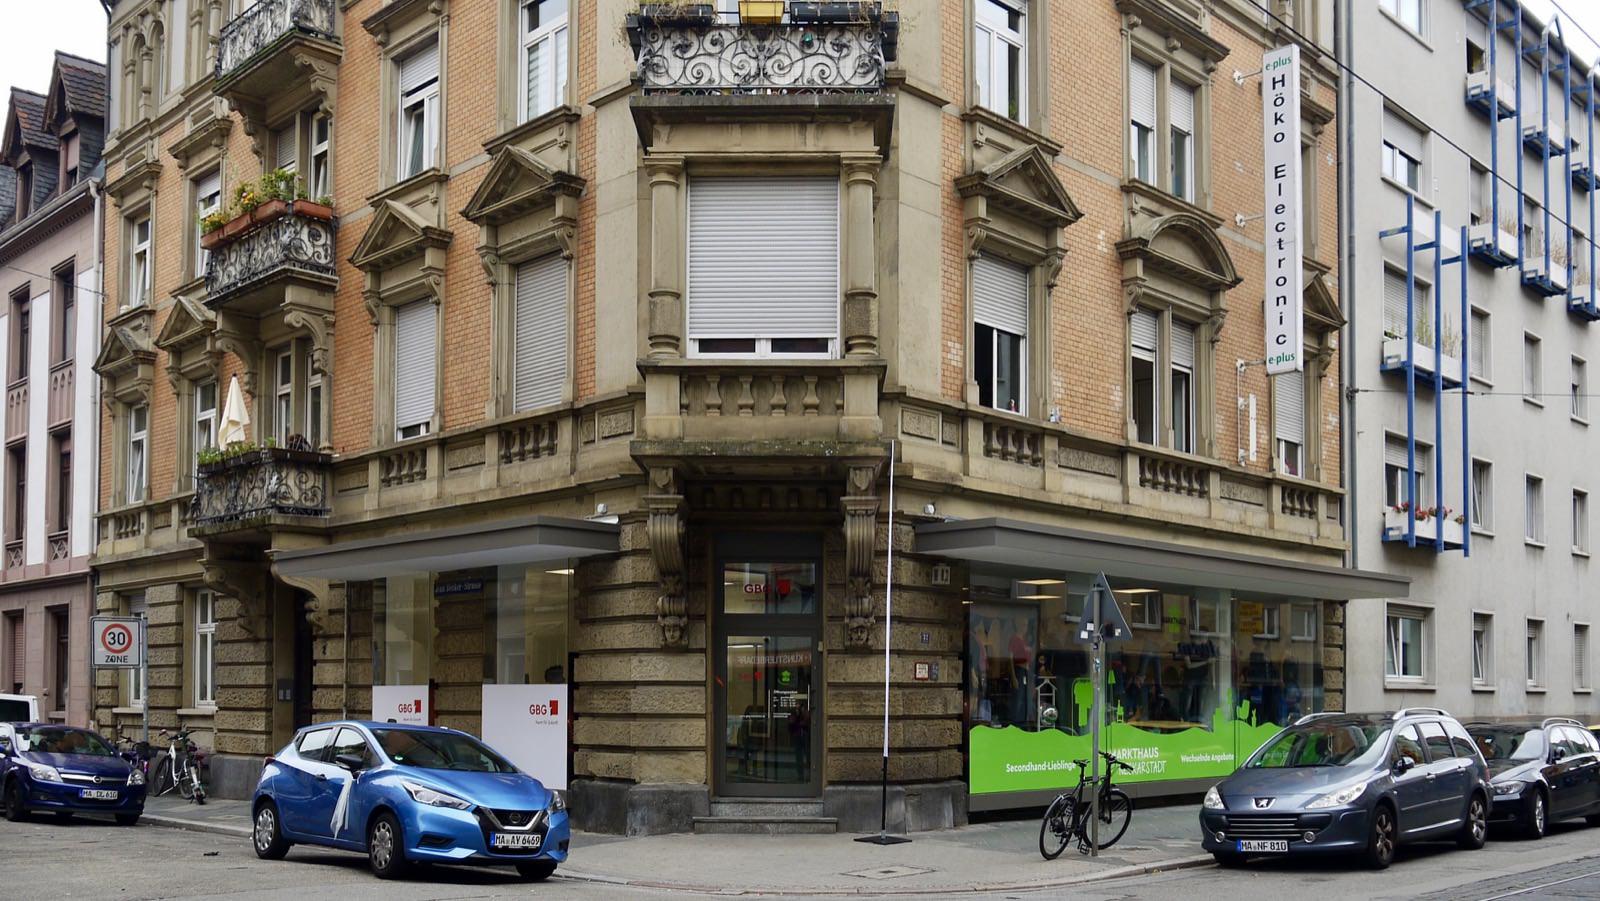 In der Mittelstraße an der Ecke zur Jean-Becker-Straße befinden sich jetzt eine Markthaus-Filiale sowie ein GBG-Büro   Foto: M. Schülke